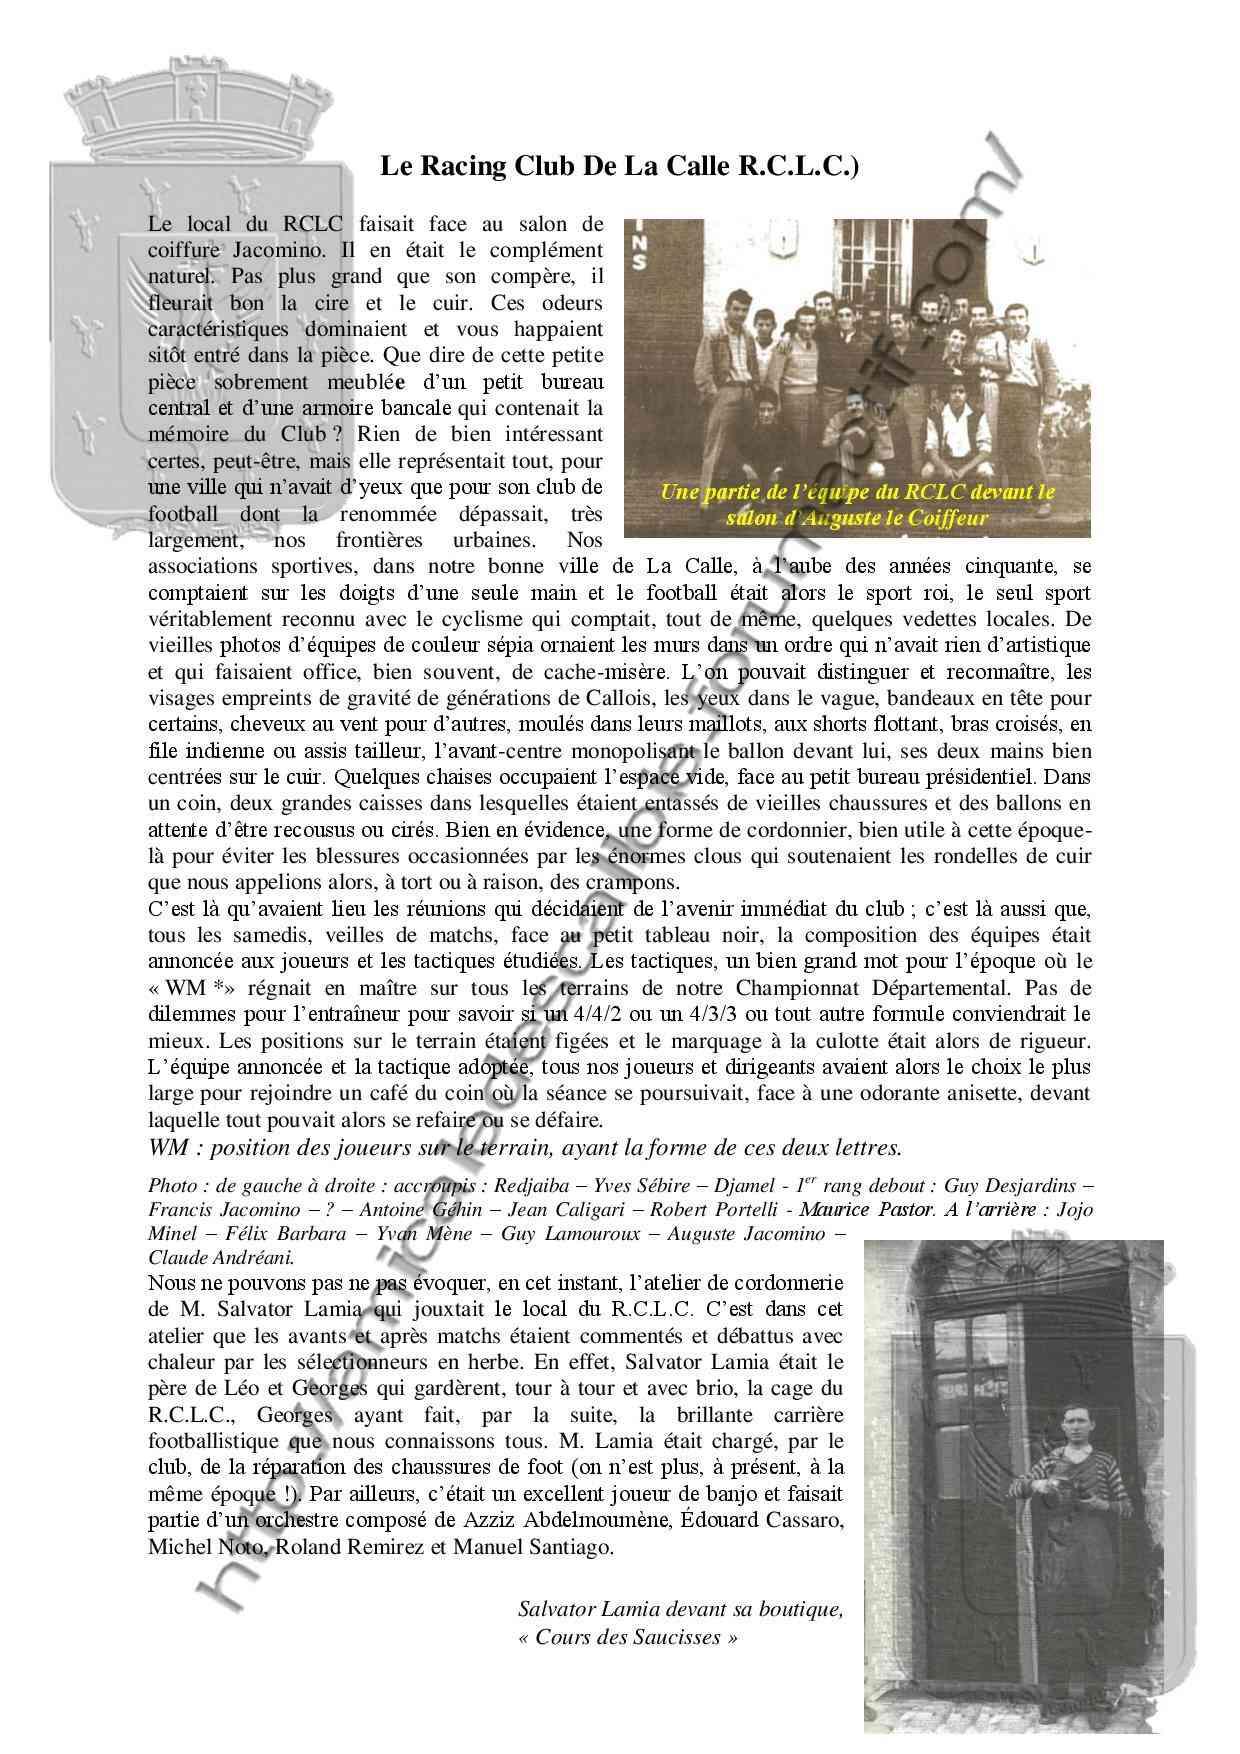 Deux lieux mythiques du cours des Saucisses - PC121-Alexandre Bertot- Deux_l11